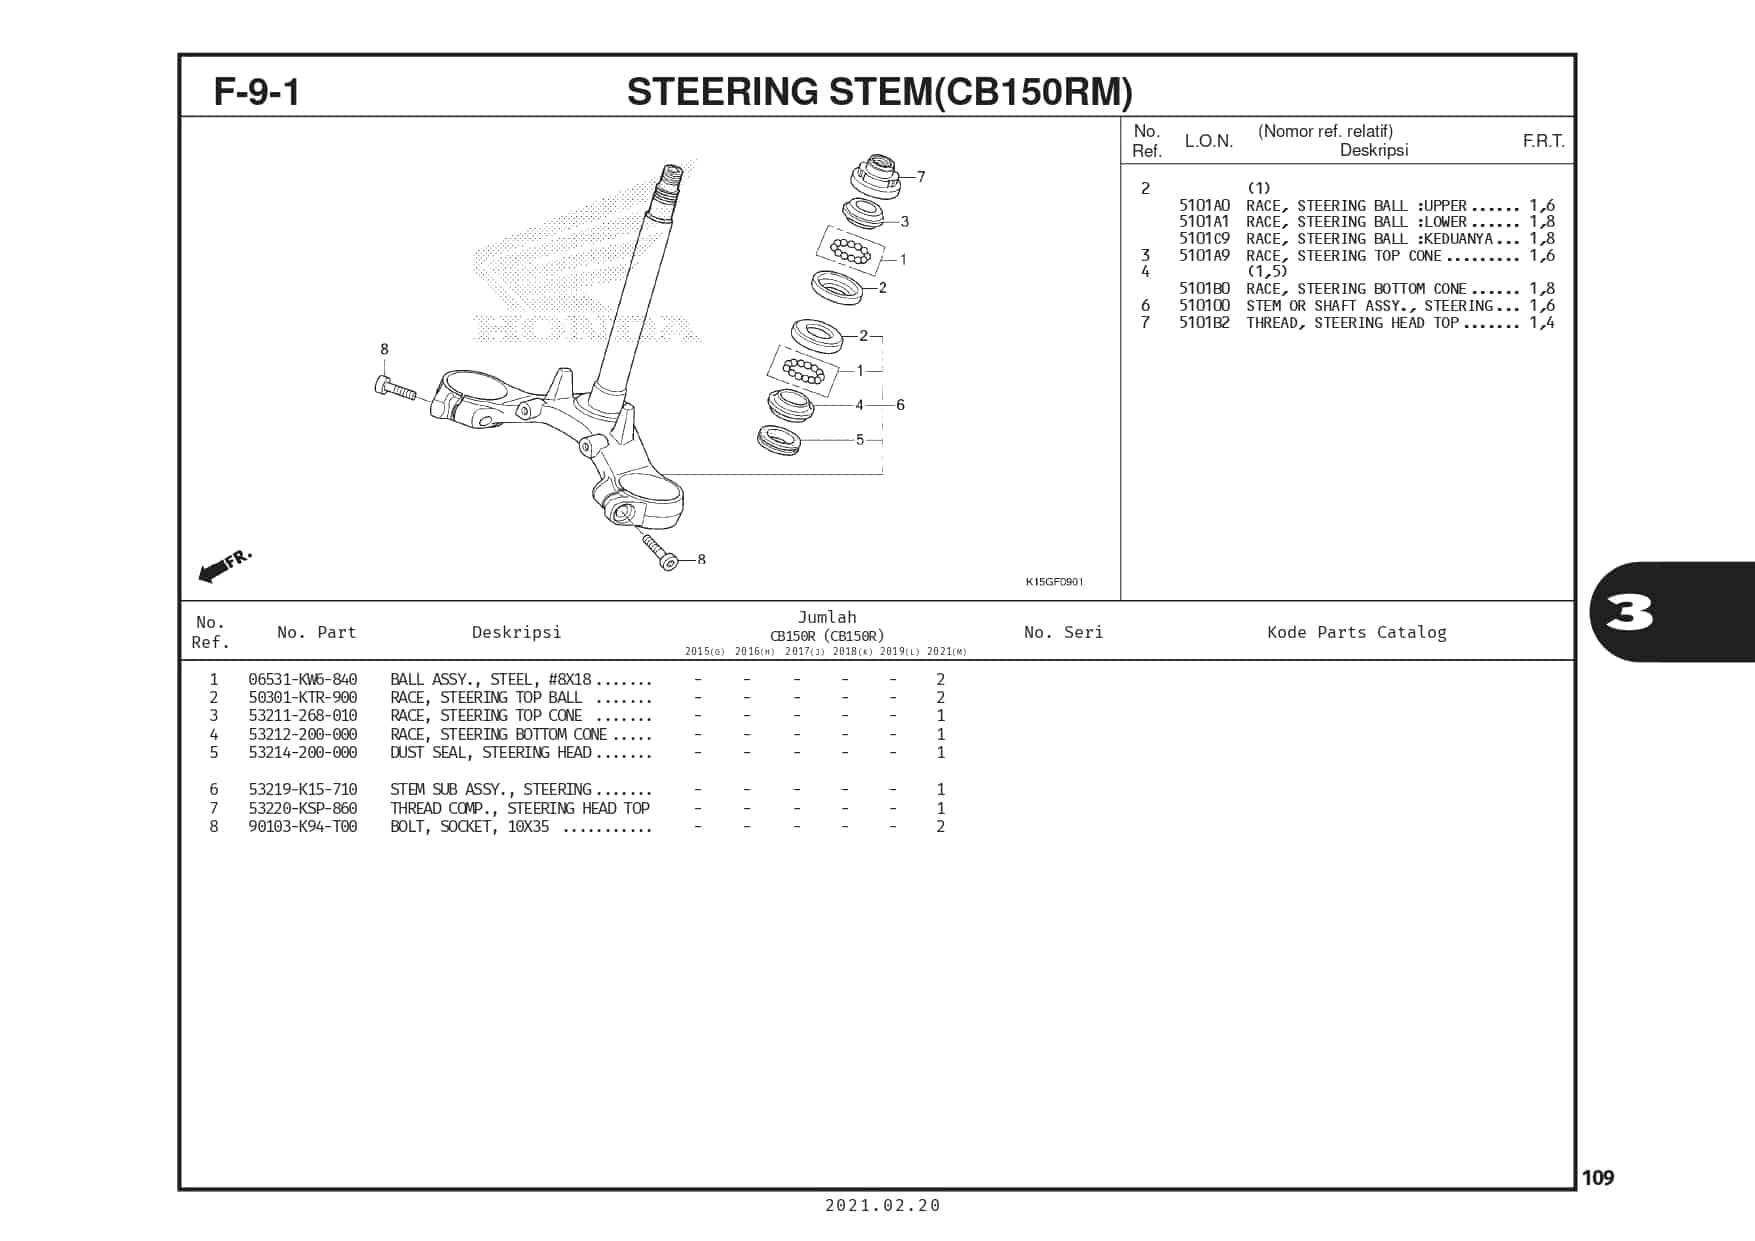 F-9-1 Steering Stem